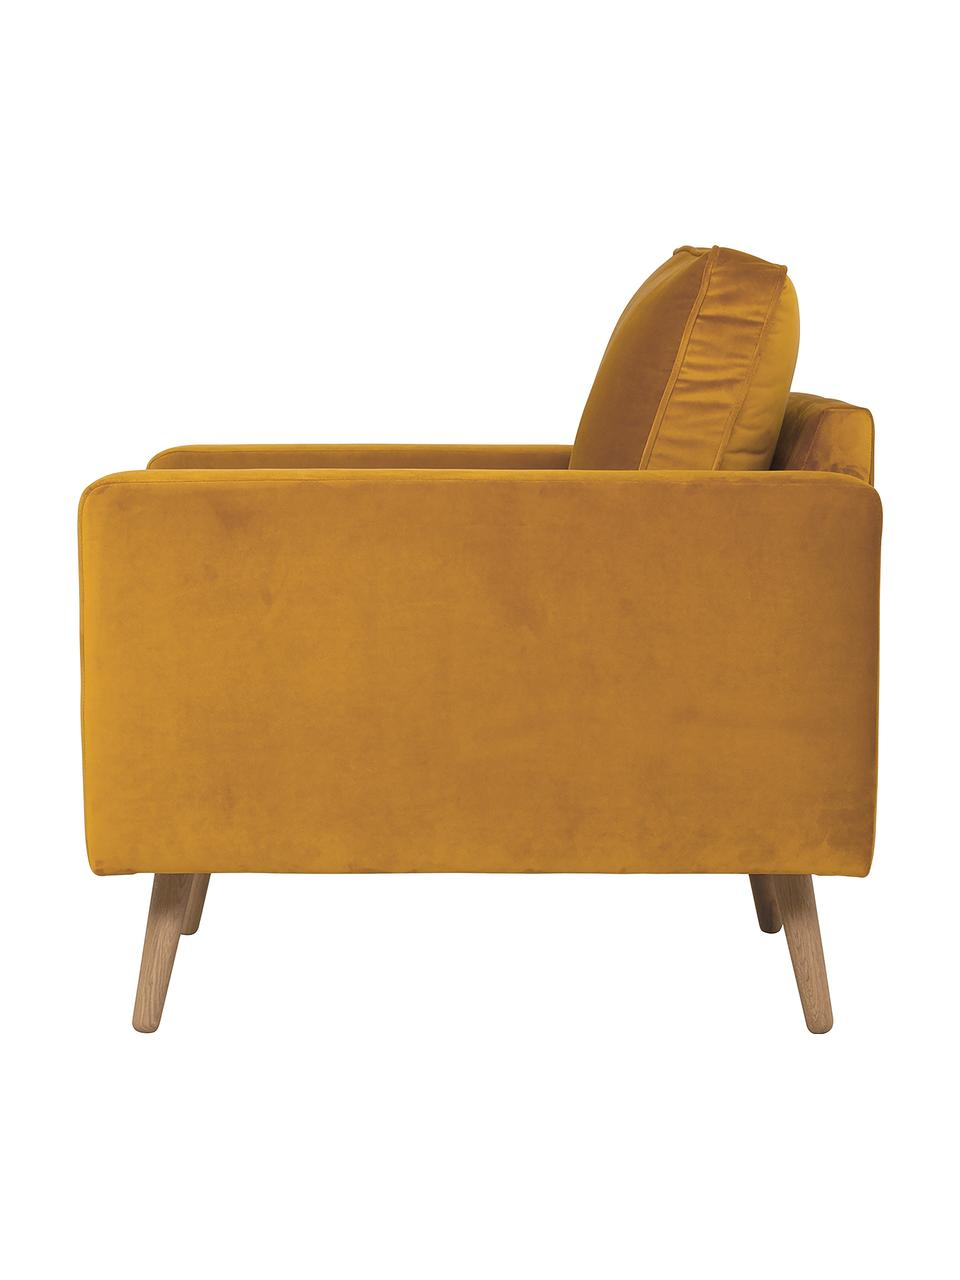 Samt-Sessel Saint in Senfgelb mit Eichenholz-Füßen, Bezug: Samt (Polyester) Der hoch, Gestell: Massives Eichenholz, Span, Samt Senfgelb, B 85 x T 76 cm